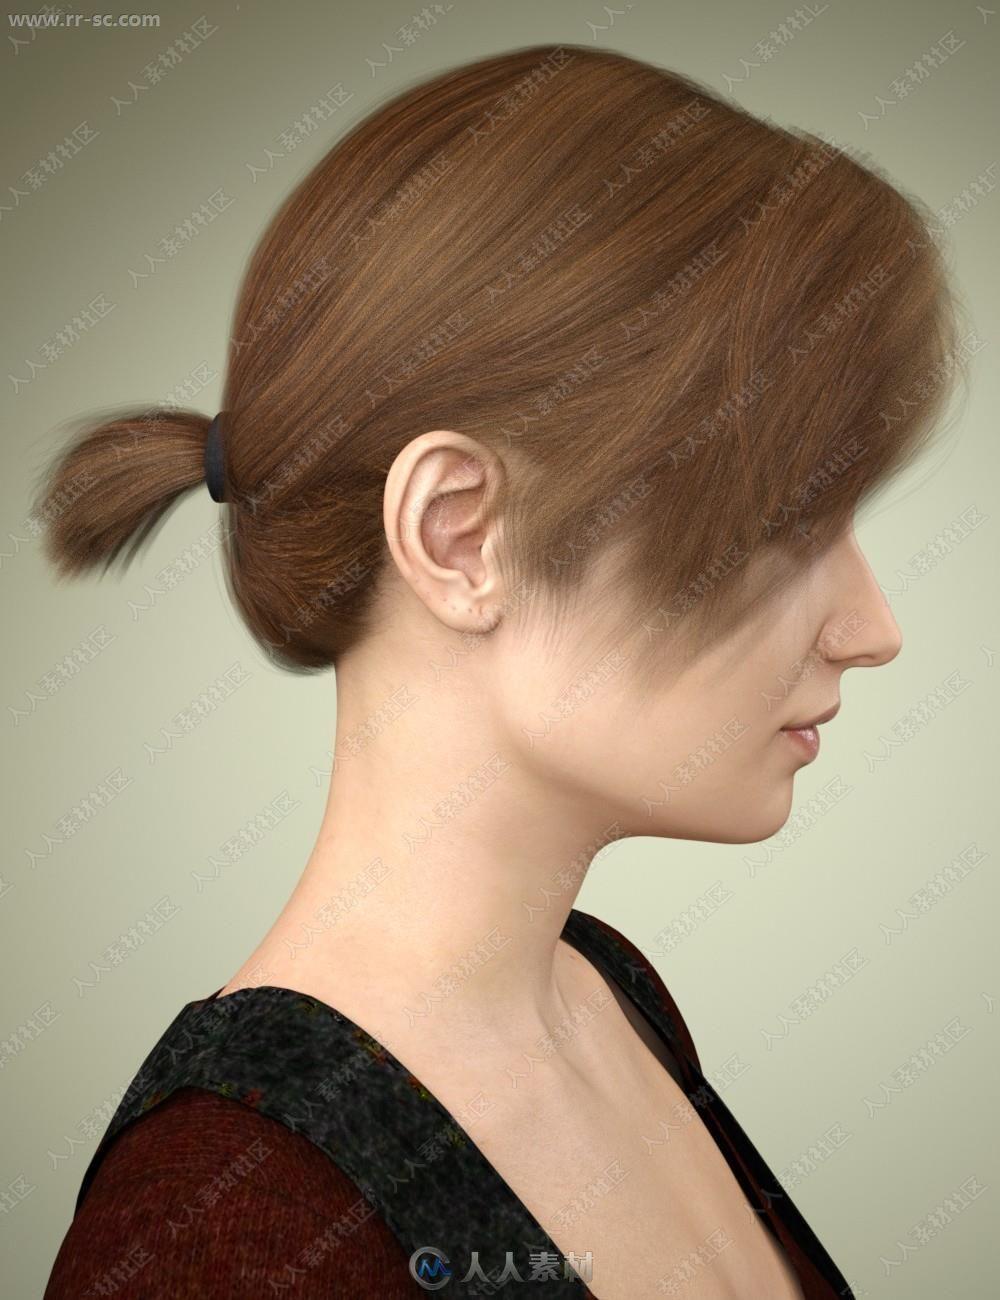 多种颜色短发发型刘海小马尾发型3D短发圆脸男生模型女孩学生图片